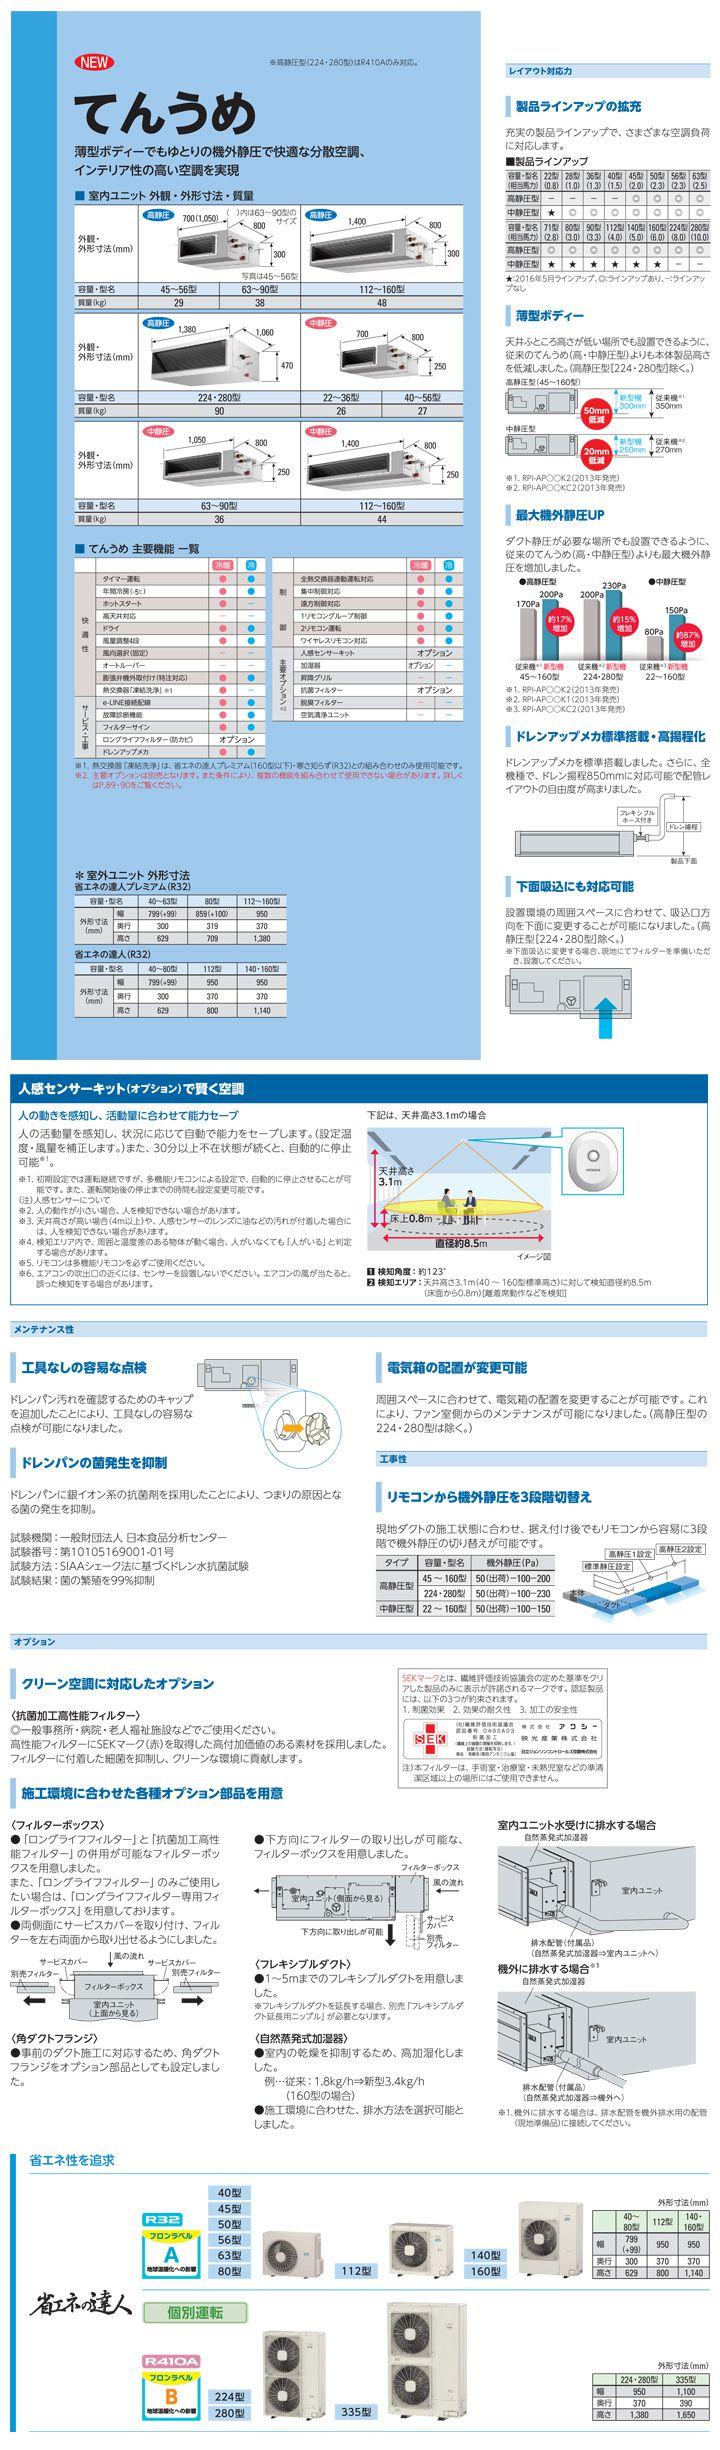 RPI-AP335SHW11カタログ